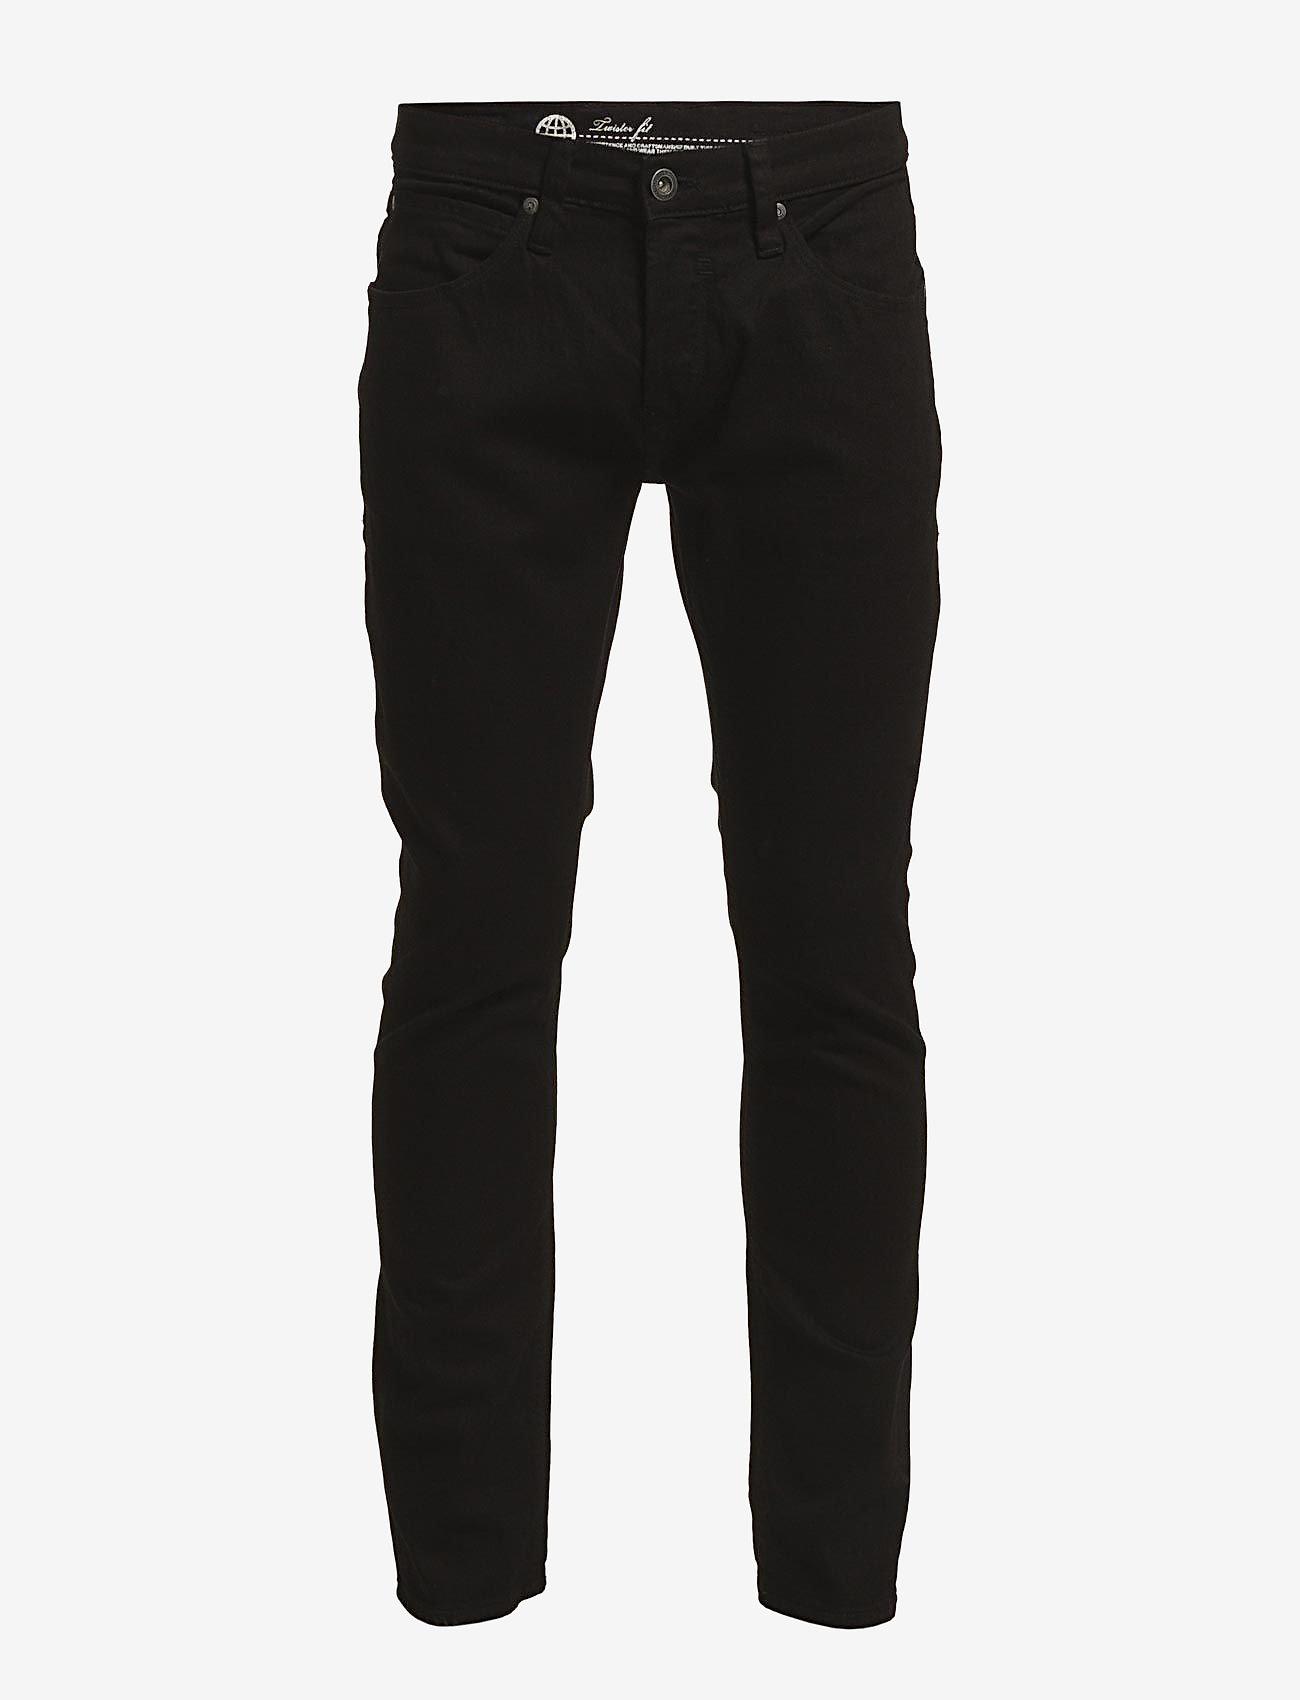 Blend - Jeans - NOOS Twister fit - regular jeans - black